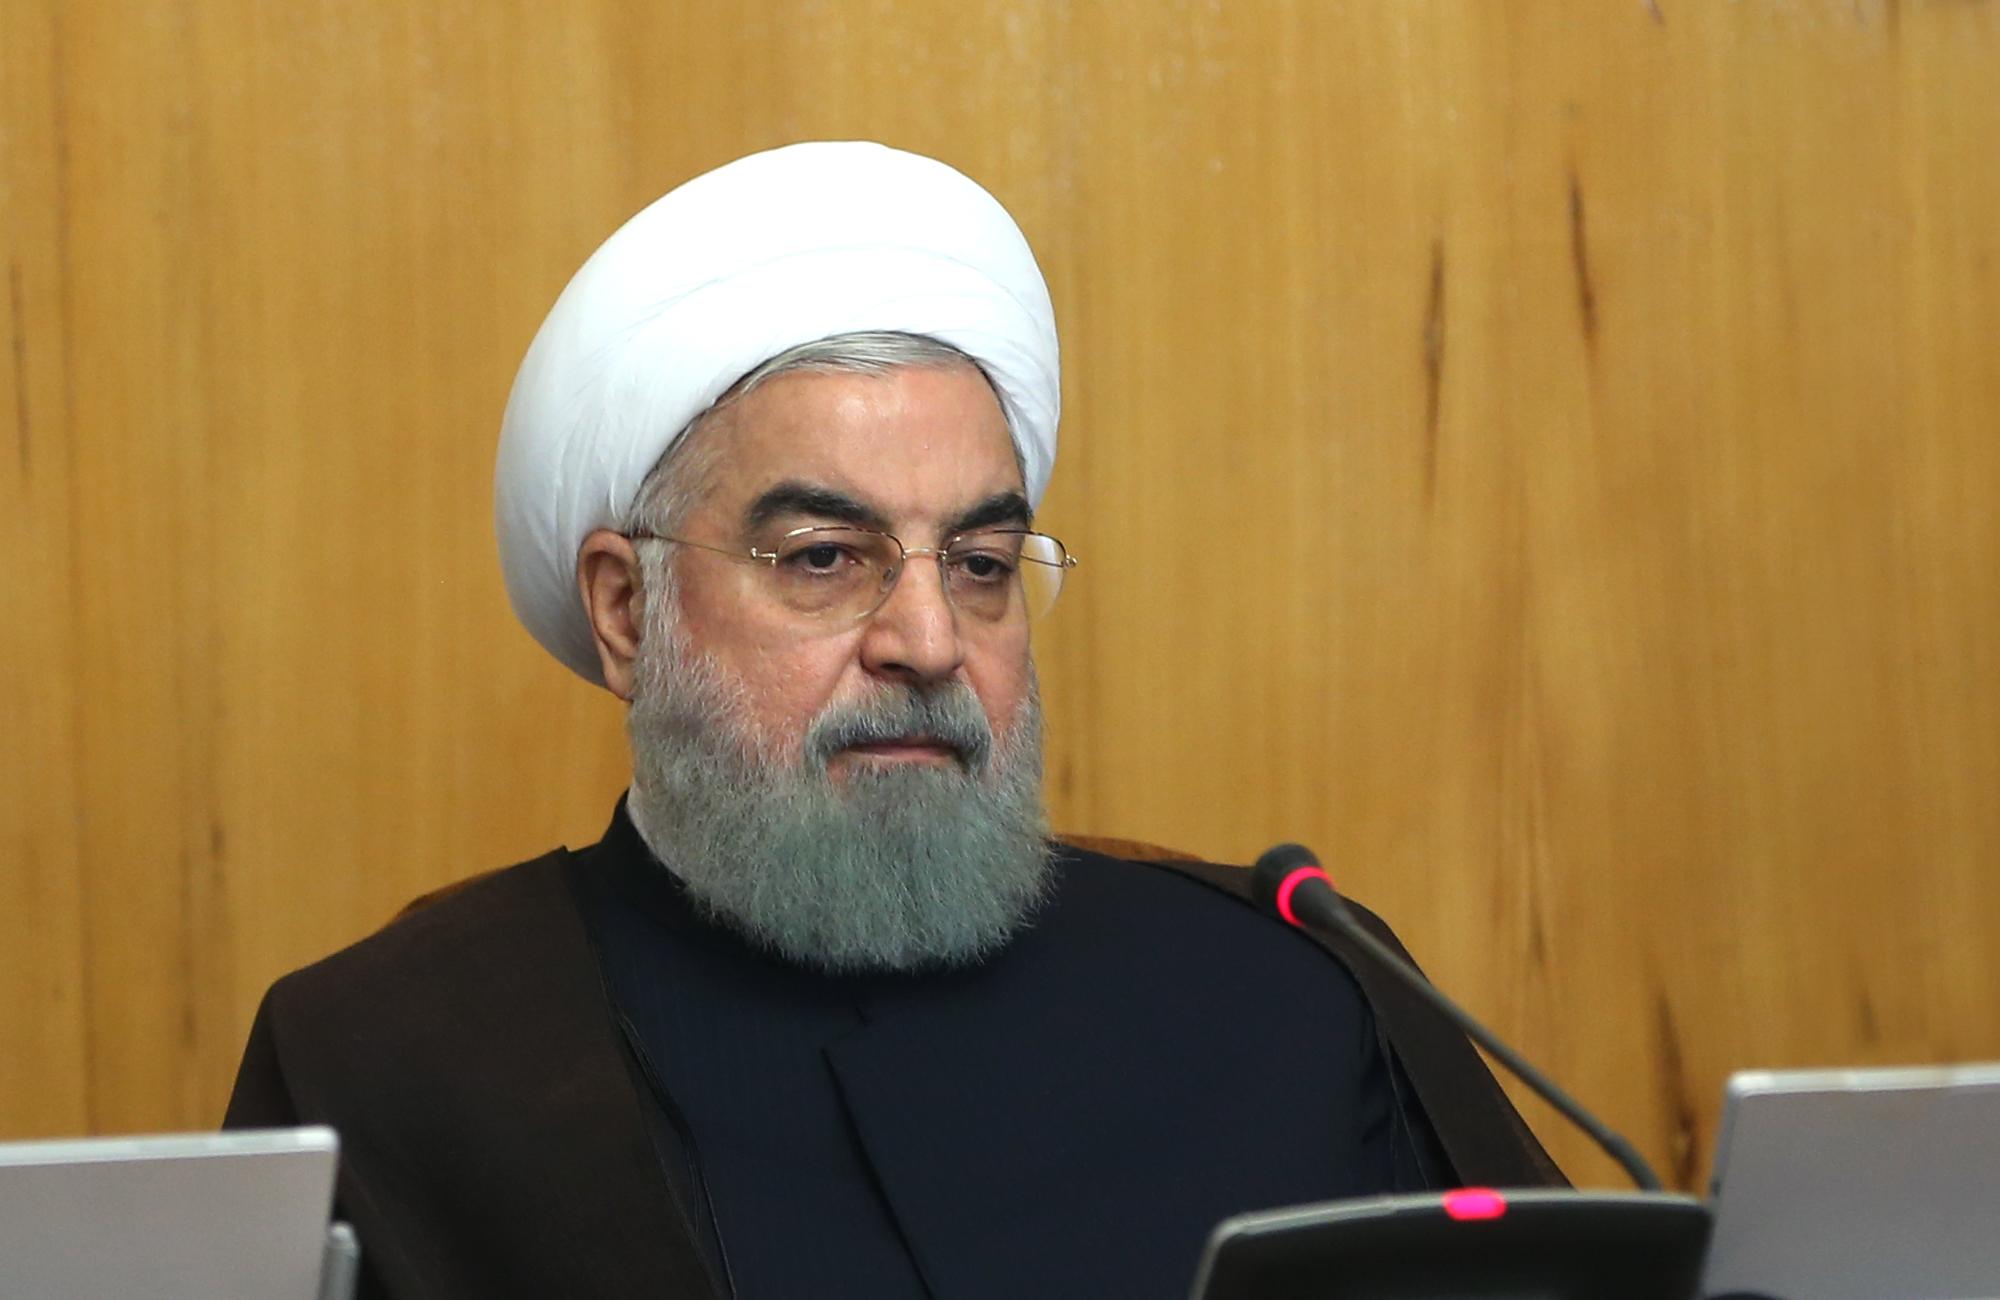 مذاکرات با نخست وزیر ژاپن مفید بود/ توقف برخی اقدامات در چارچوب بندهای ۲۶ و ۳۶ برجام، حداقل اقدام تهران است